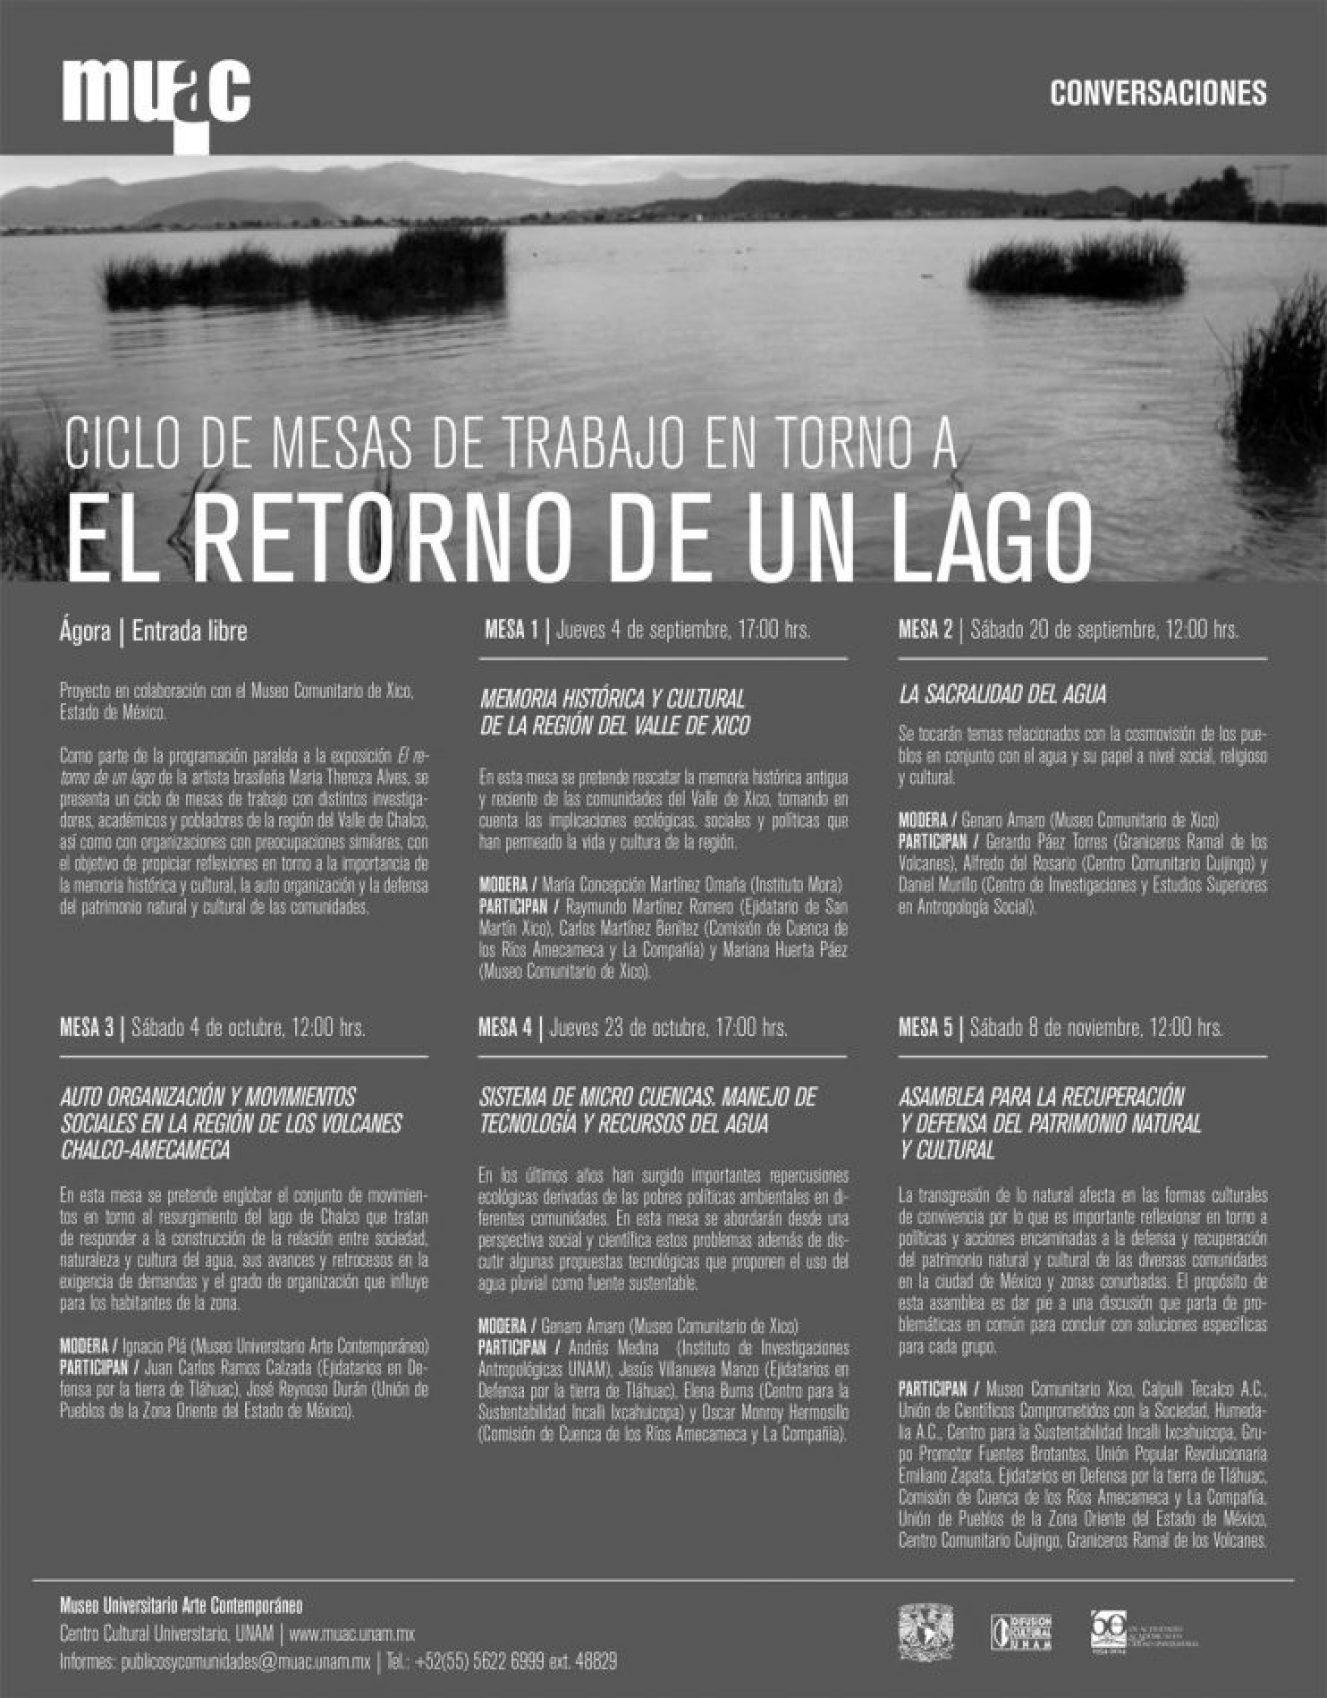 El Retorno de un Lago